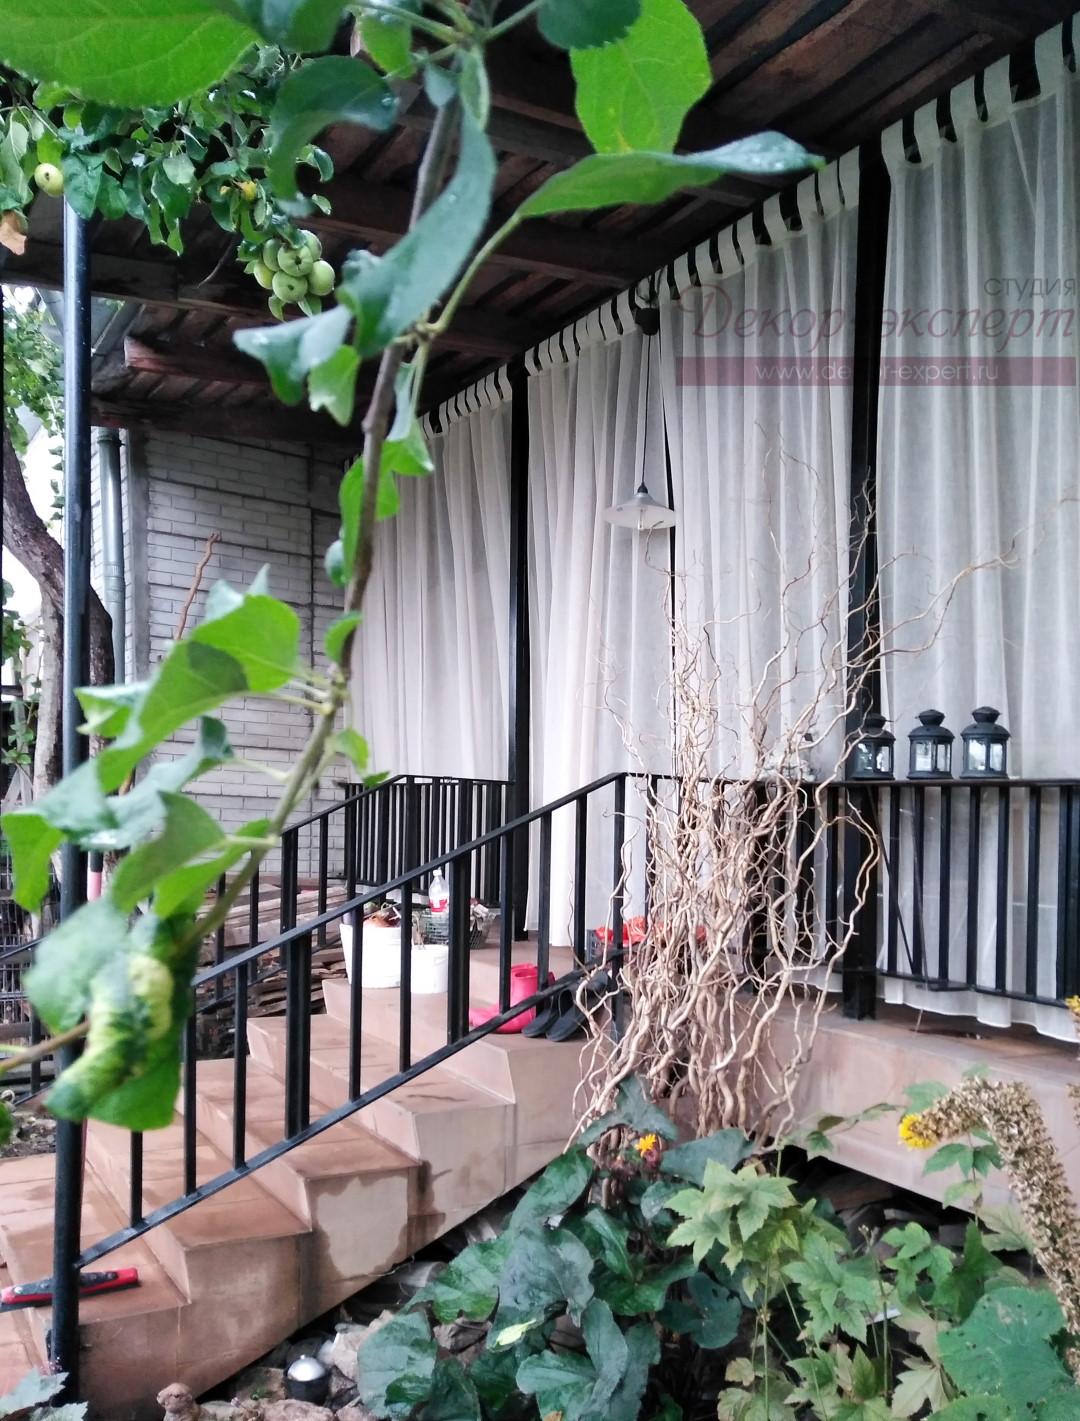 Лёгкие шторы в свободном состоянии, вид на веранду с внешней стороны.